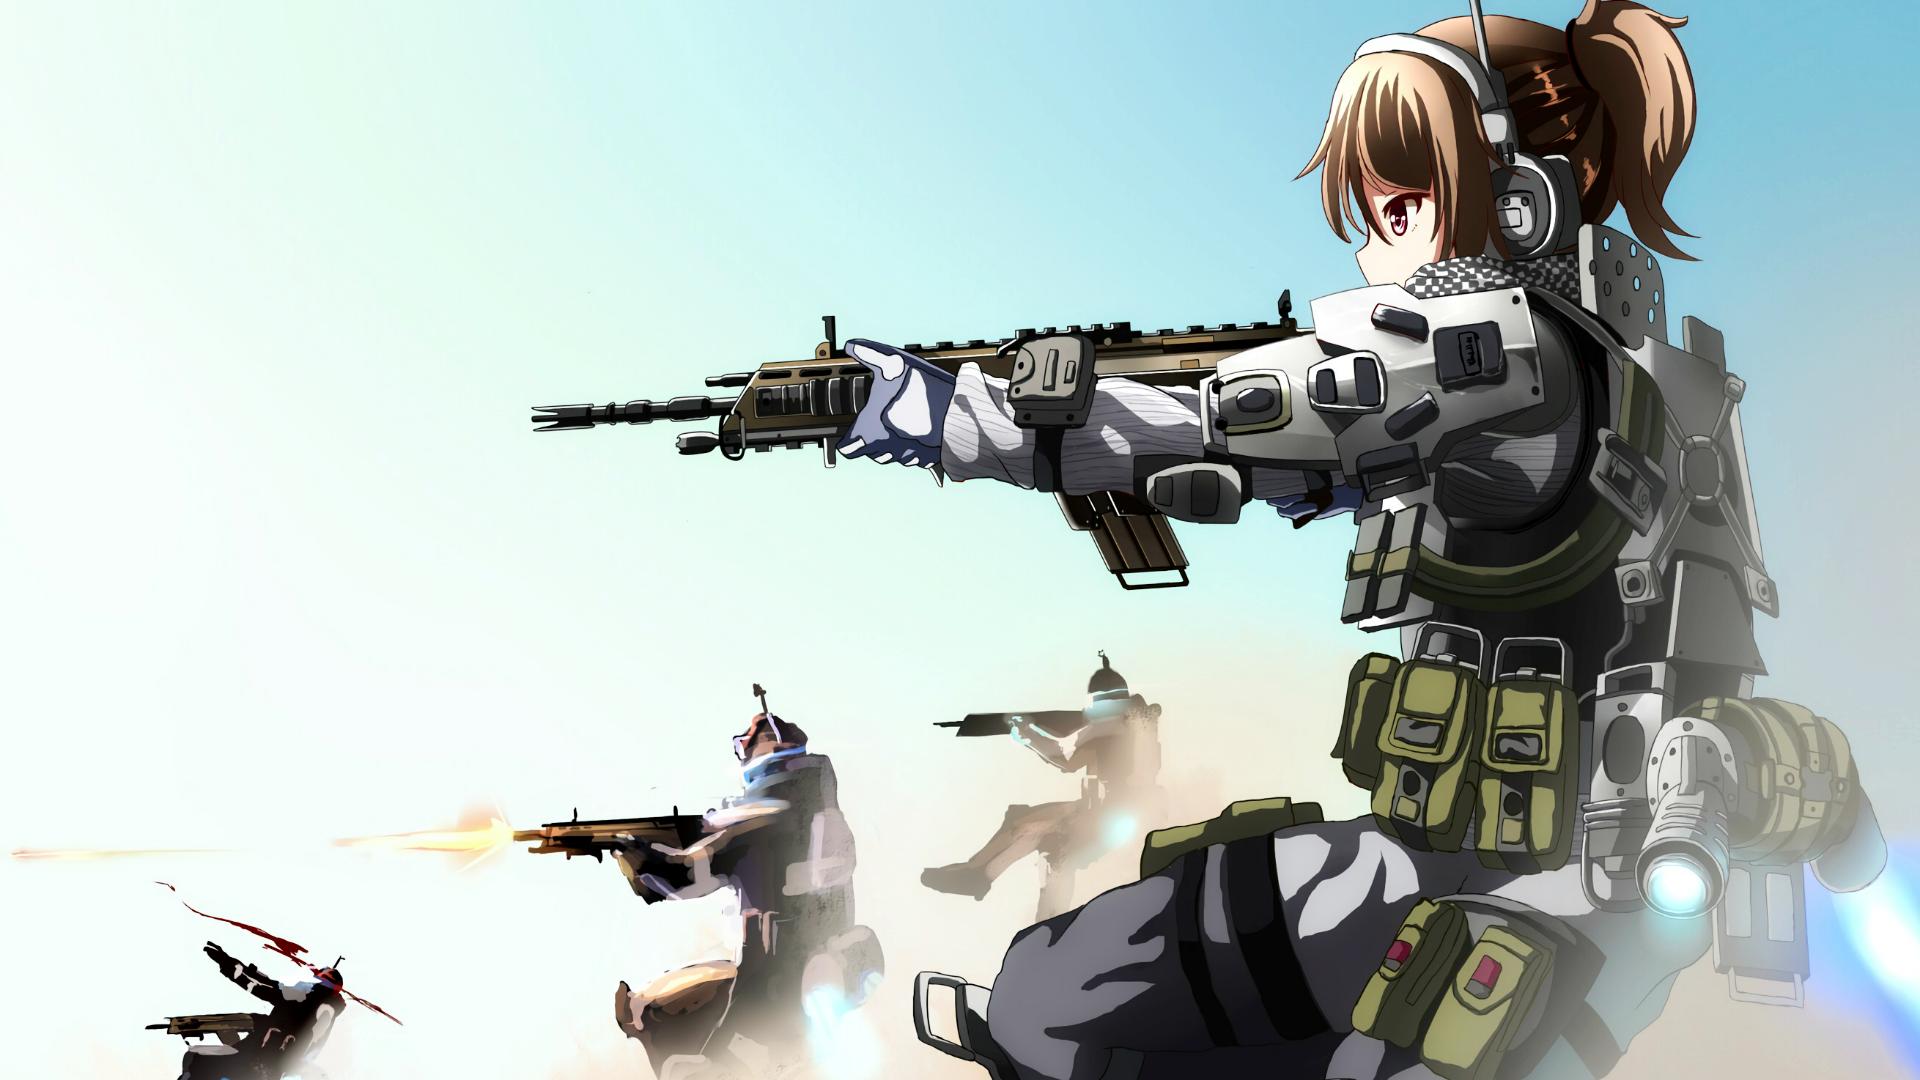 X2vdqnv Png 1920 1080 Anime Warrior Anime Military Anime Fantasy